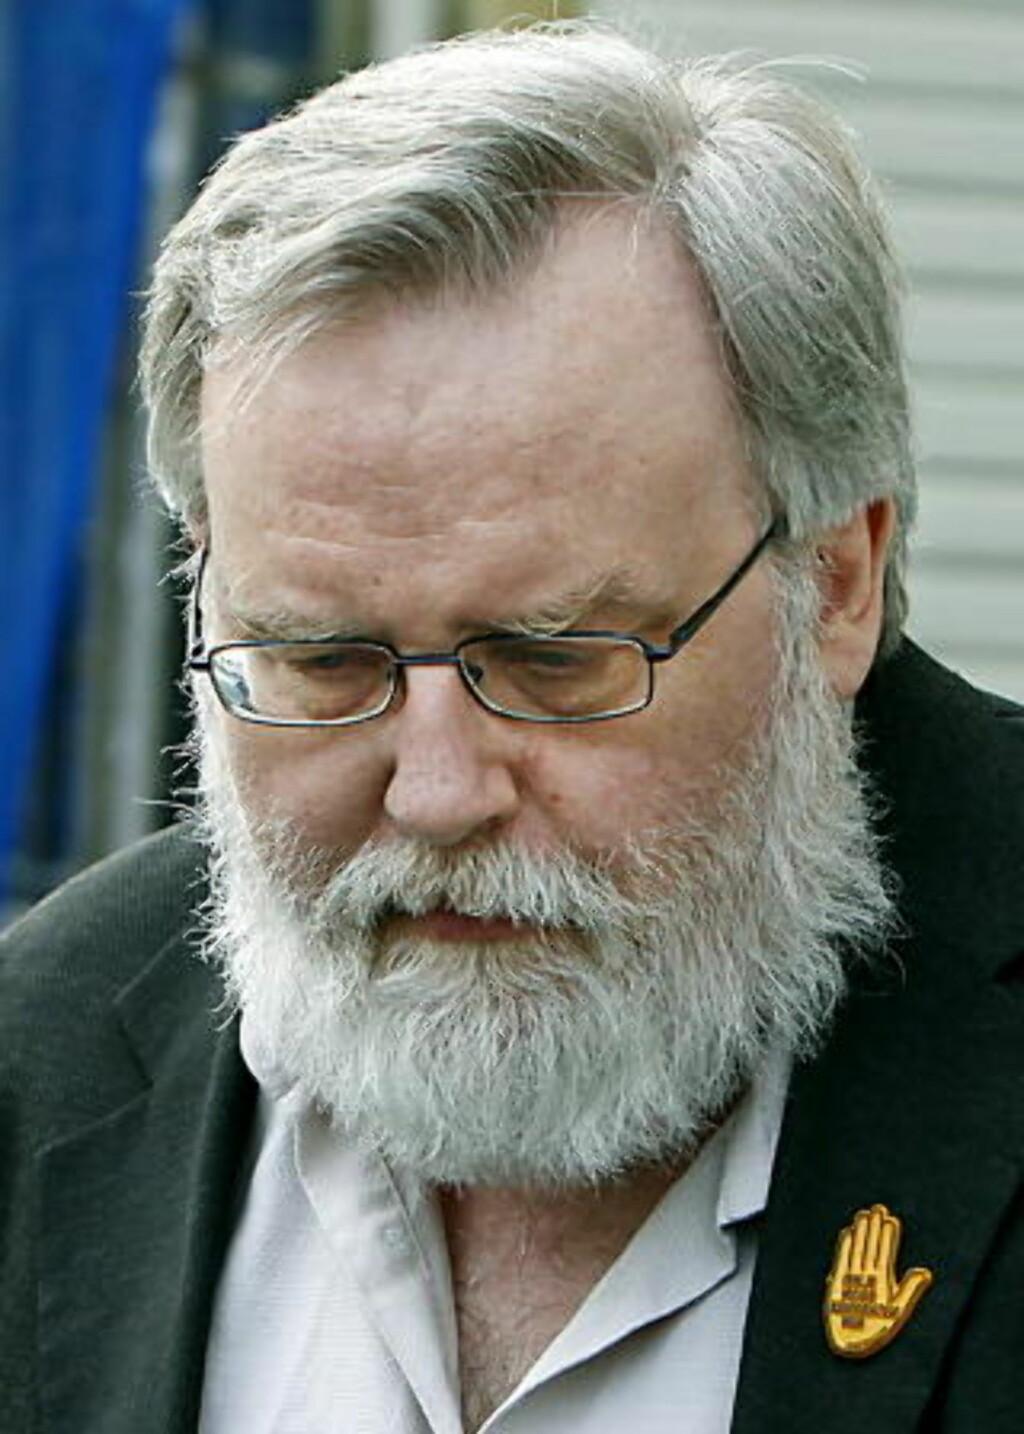 VIL ANKE: Hovedkasserer og daglig leder Kjell Gunnar Larsen (54) i SOS Rasisme. Foto: Jacques Hvistendahl/Dagbladet